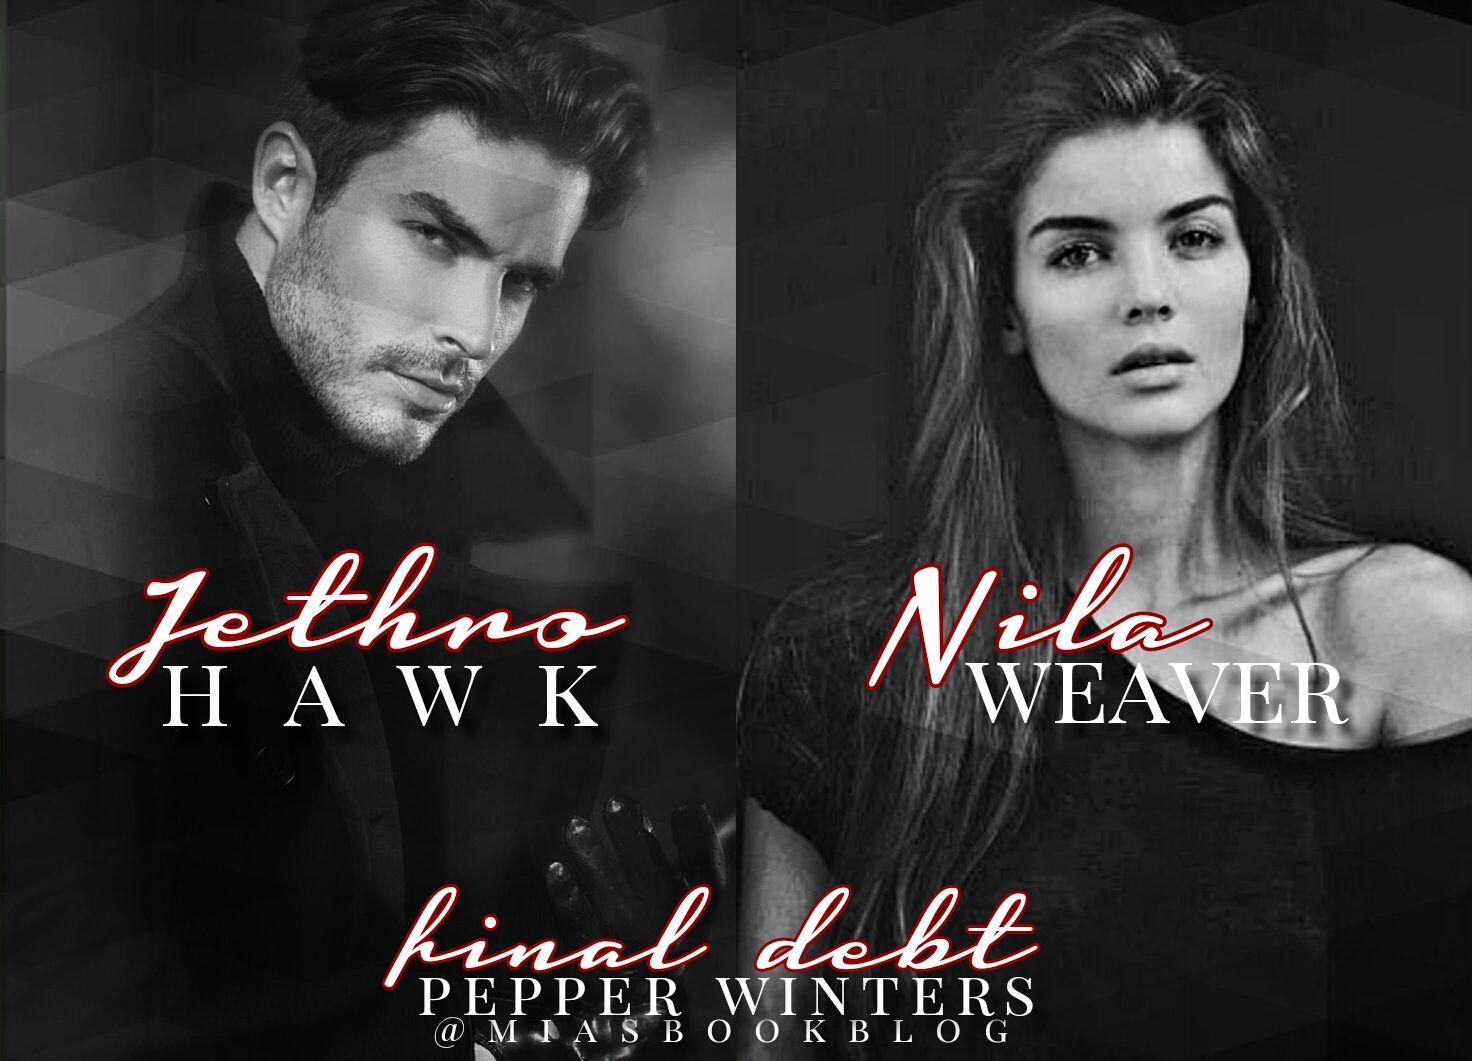 Jethro Hawk & Nila Weaver   Final Debt by Pepper Winters